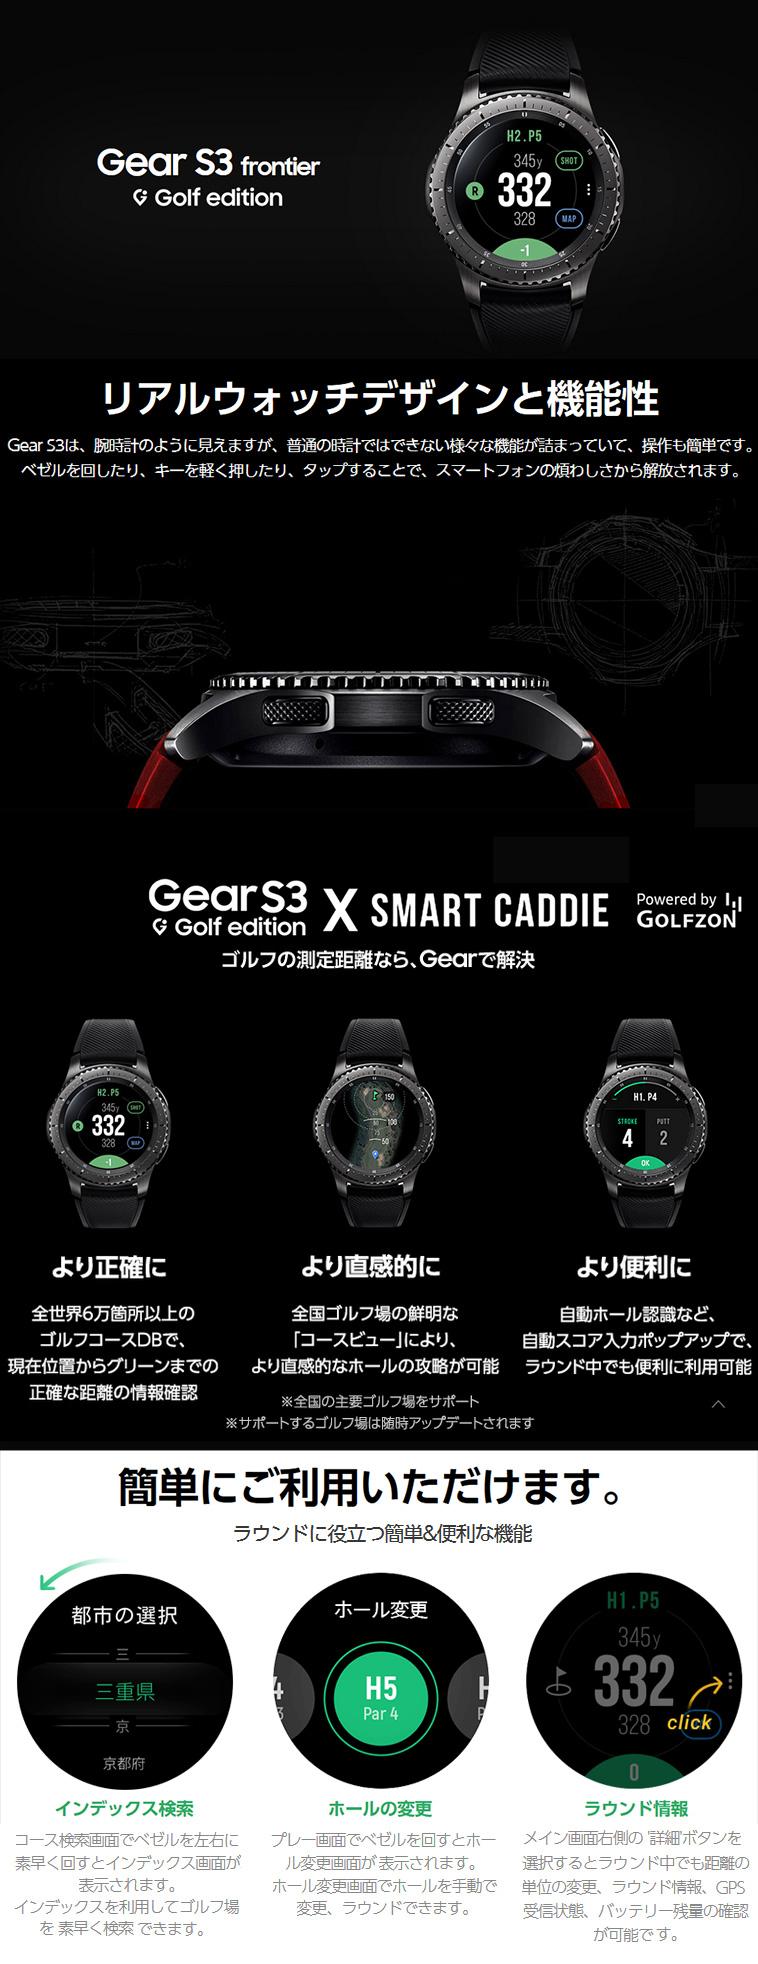 GearS3 frontier Golf editon_1